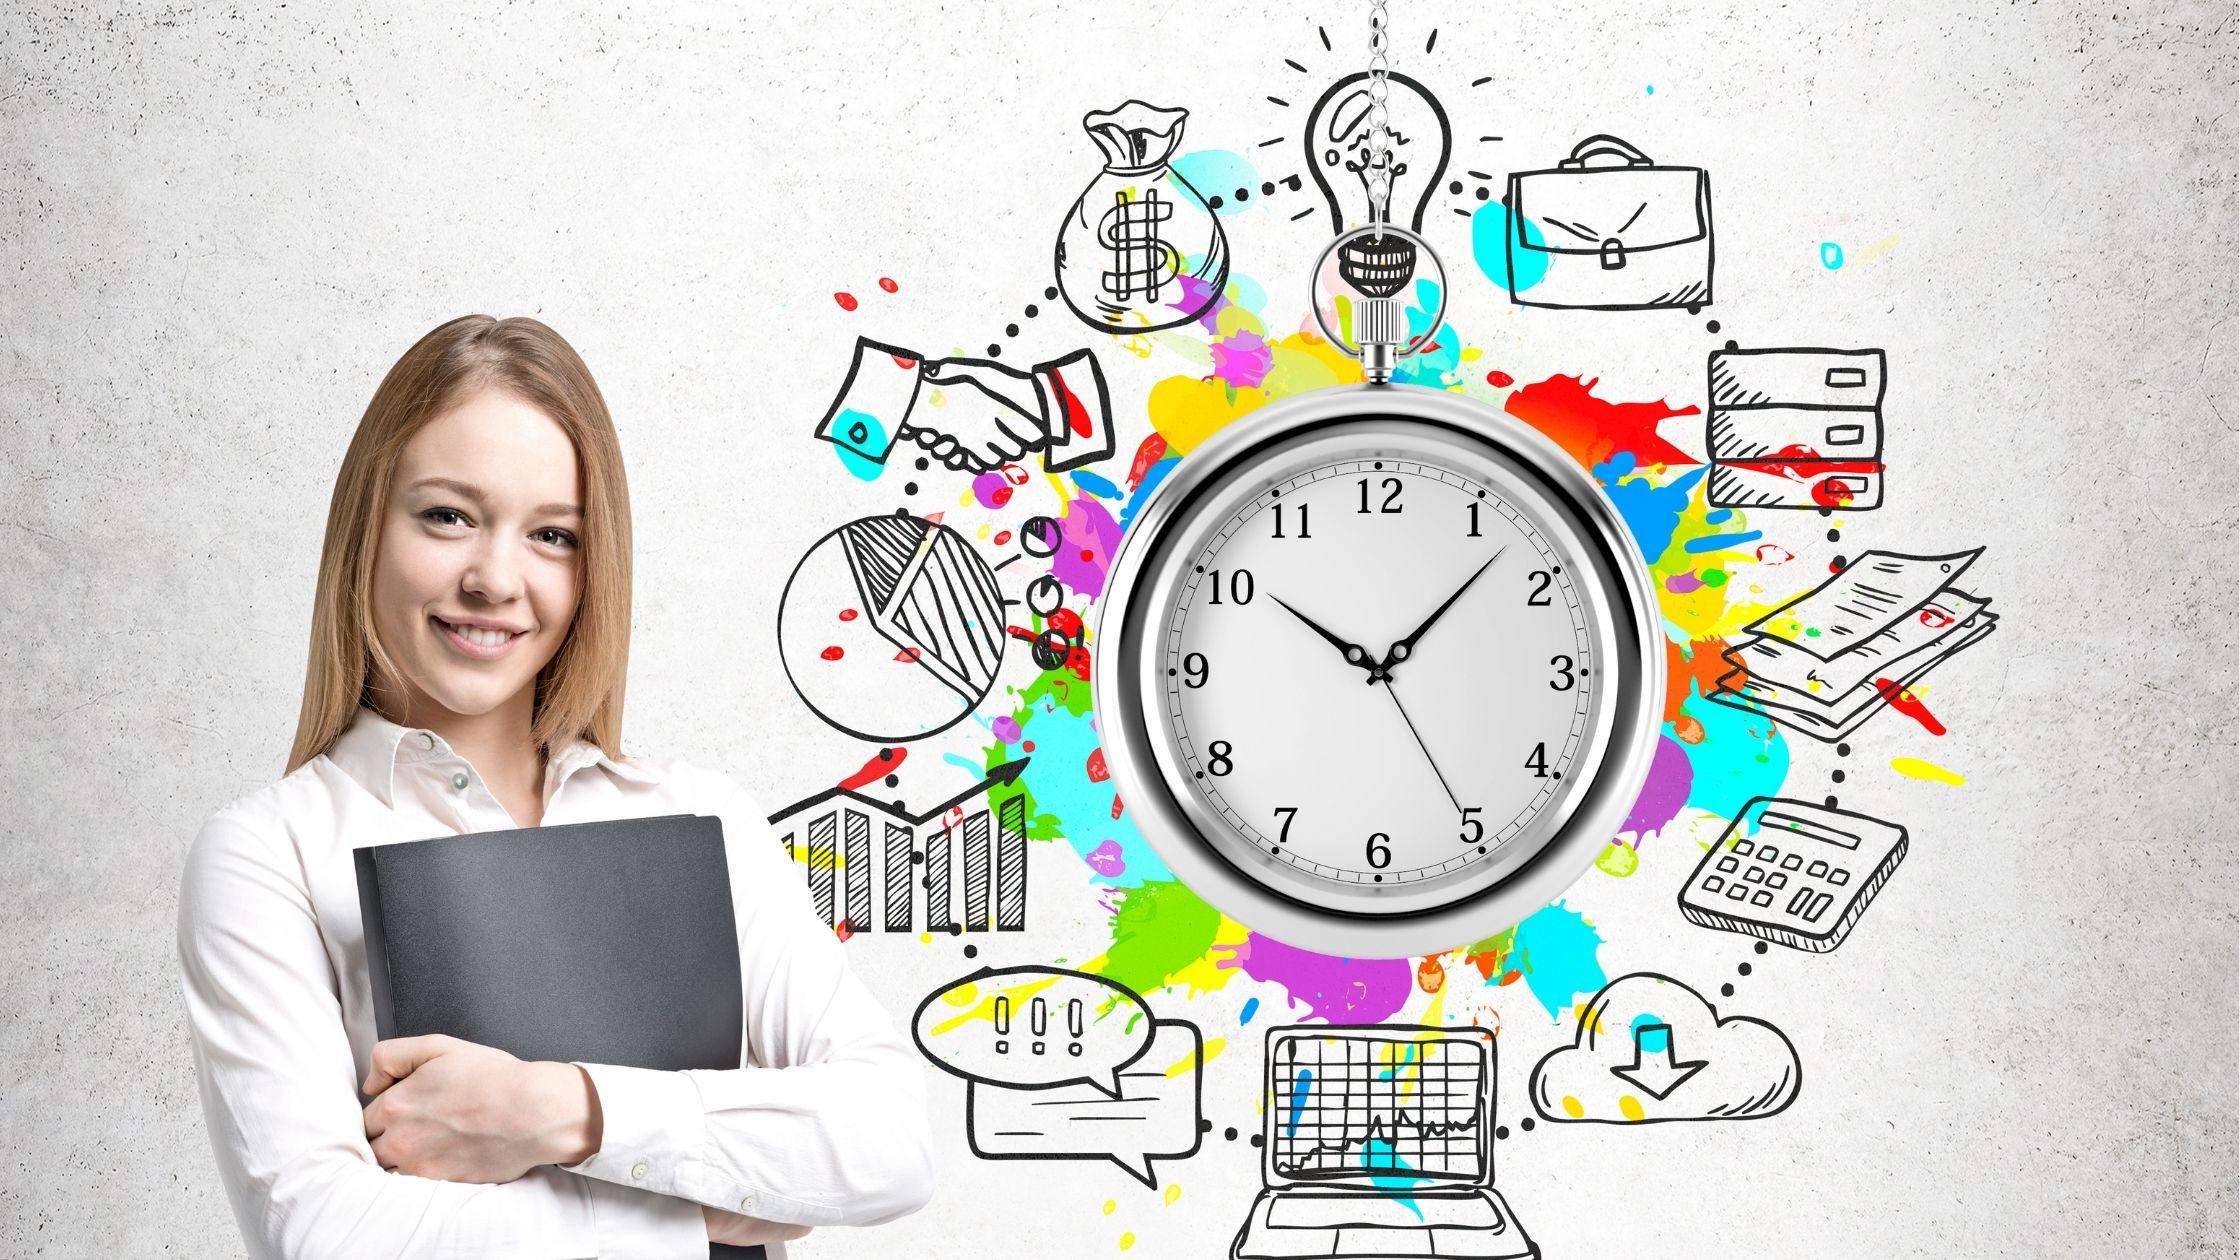 Gestão do tempo para empreendedores Imagem mostra uma jovem que usa mangas brancas sorrindo enquanto segura uma pasta preta. Imagem da jovem ao lado de um gráfico interessante de um grande relógio sorrounded por ilustrações de lâmpada, saco, mão, saco de dólar, computador, papéis etc